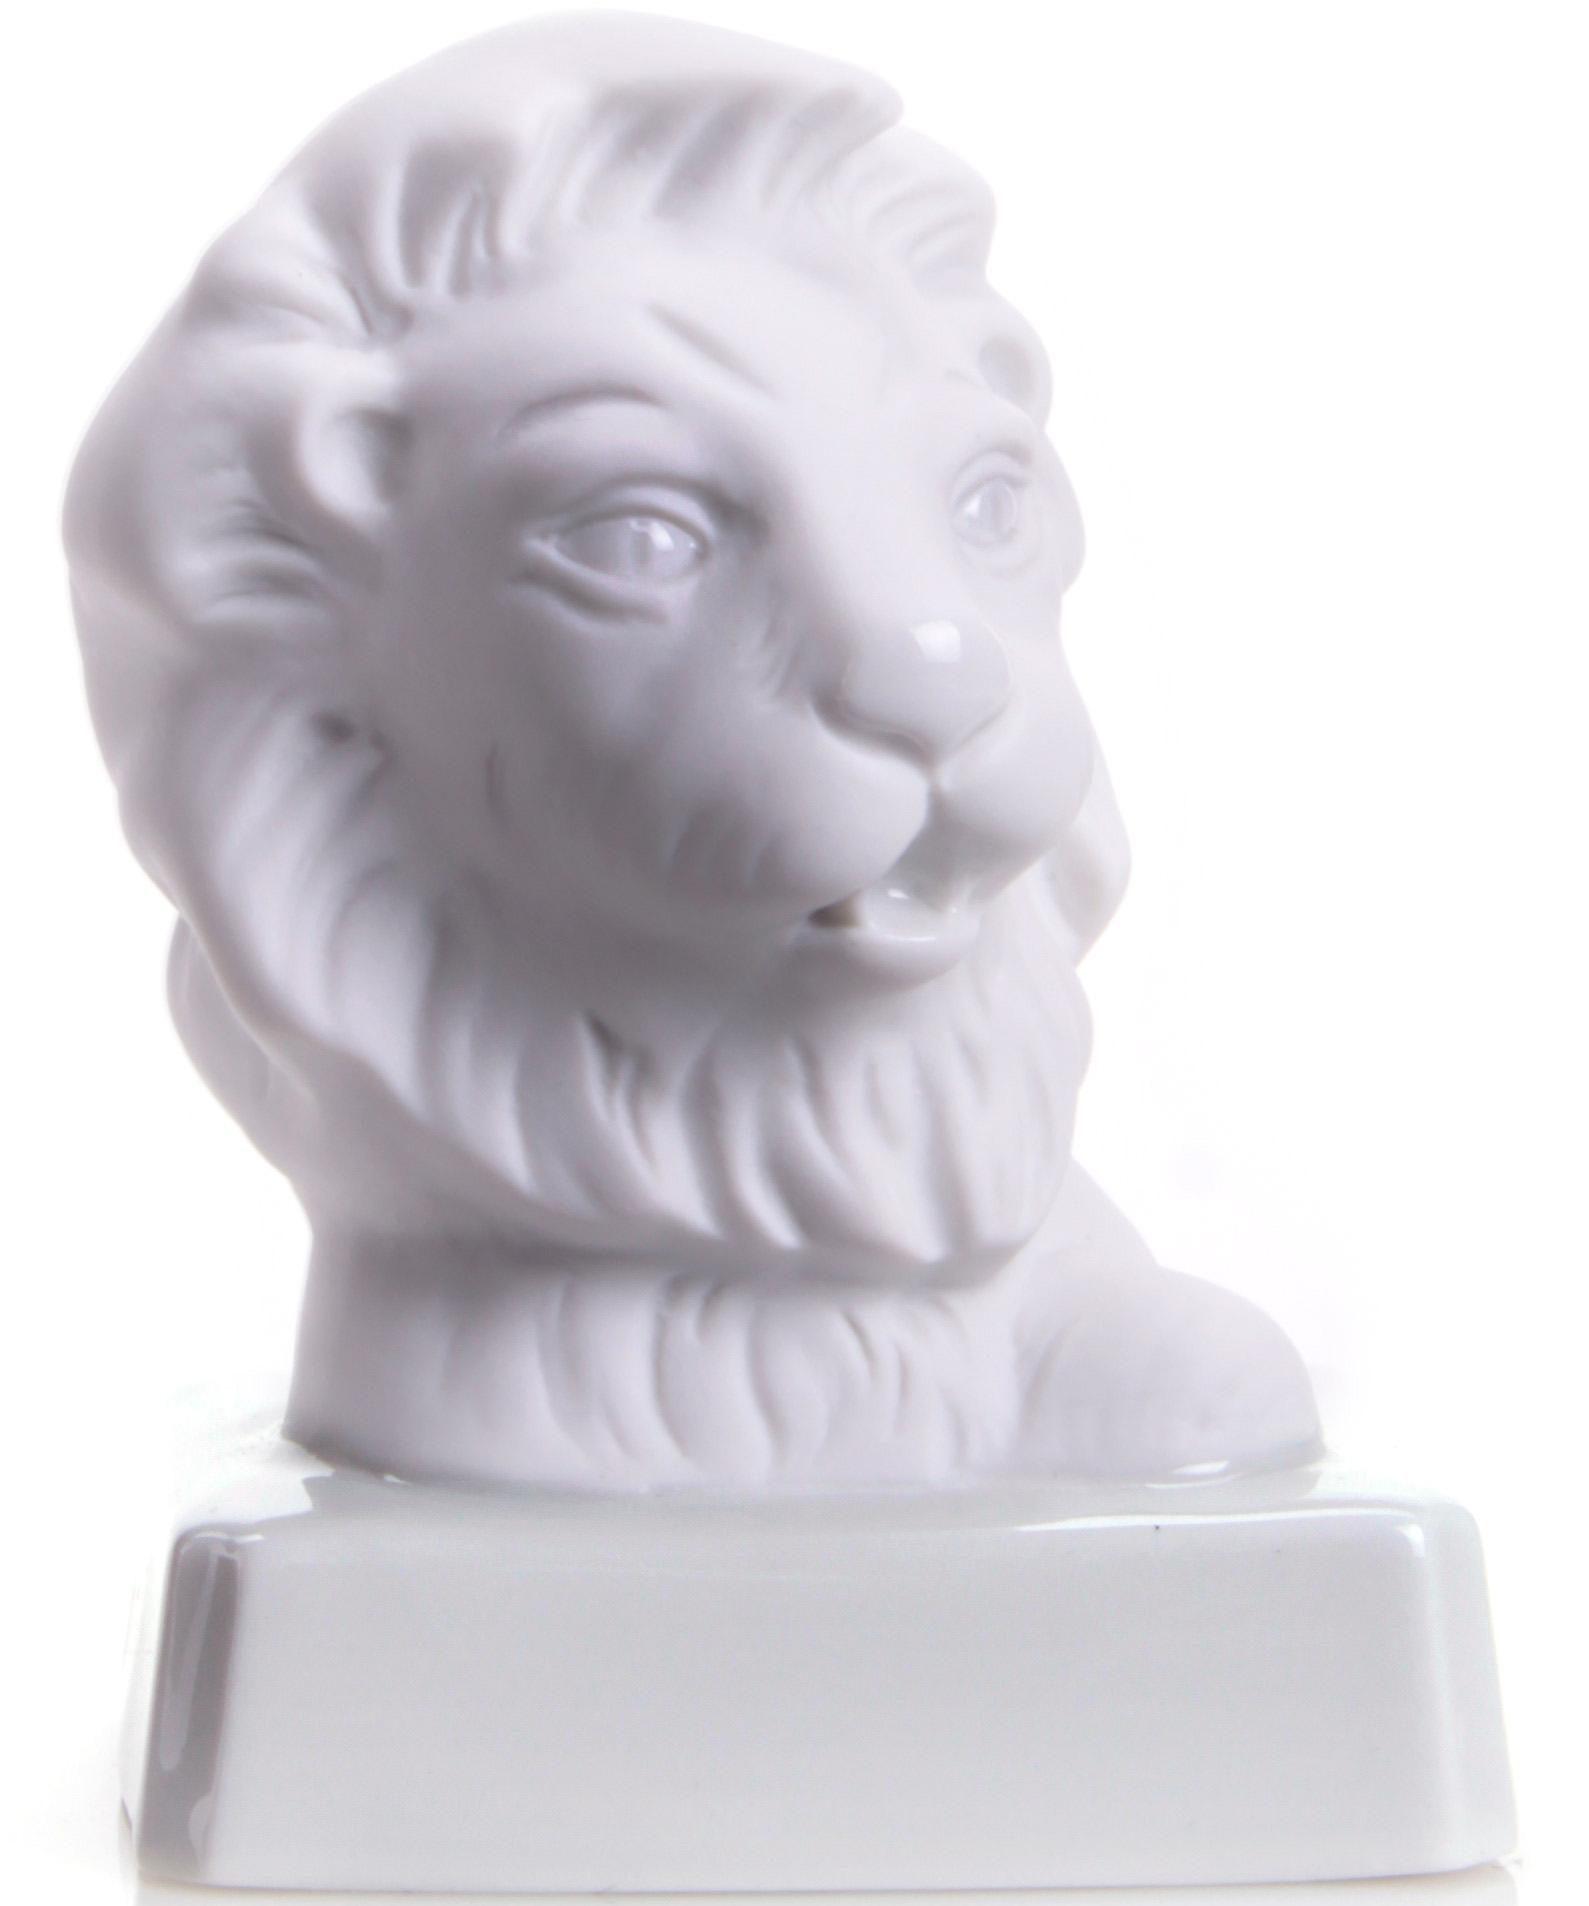 W&A Figur Sternzeichen »Löwe« aus Porzellan